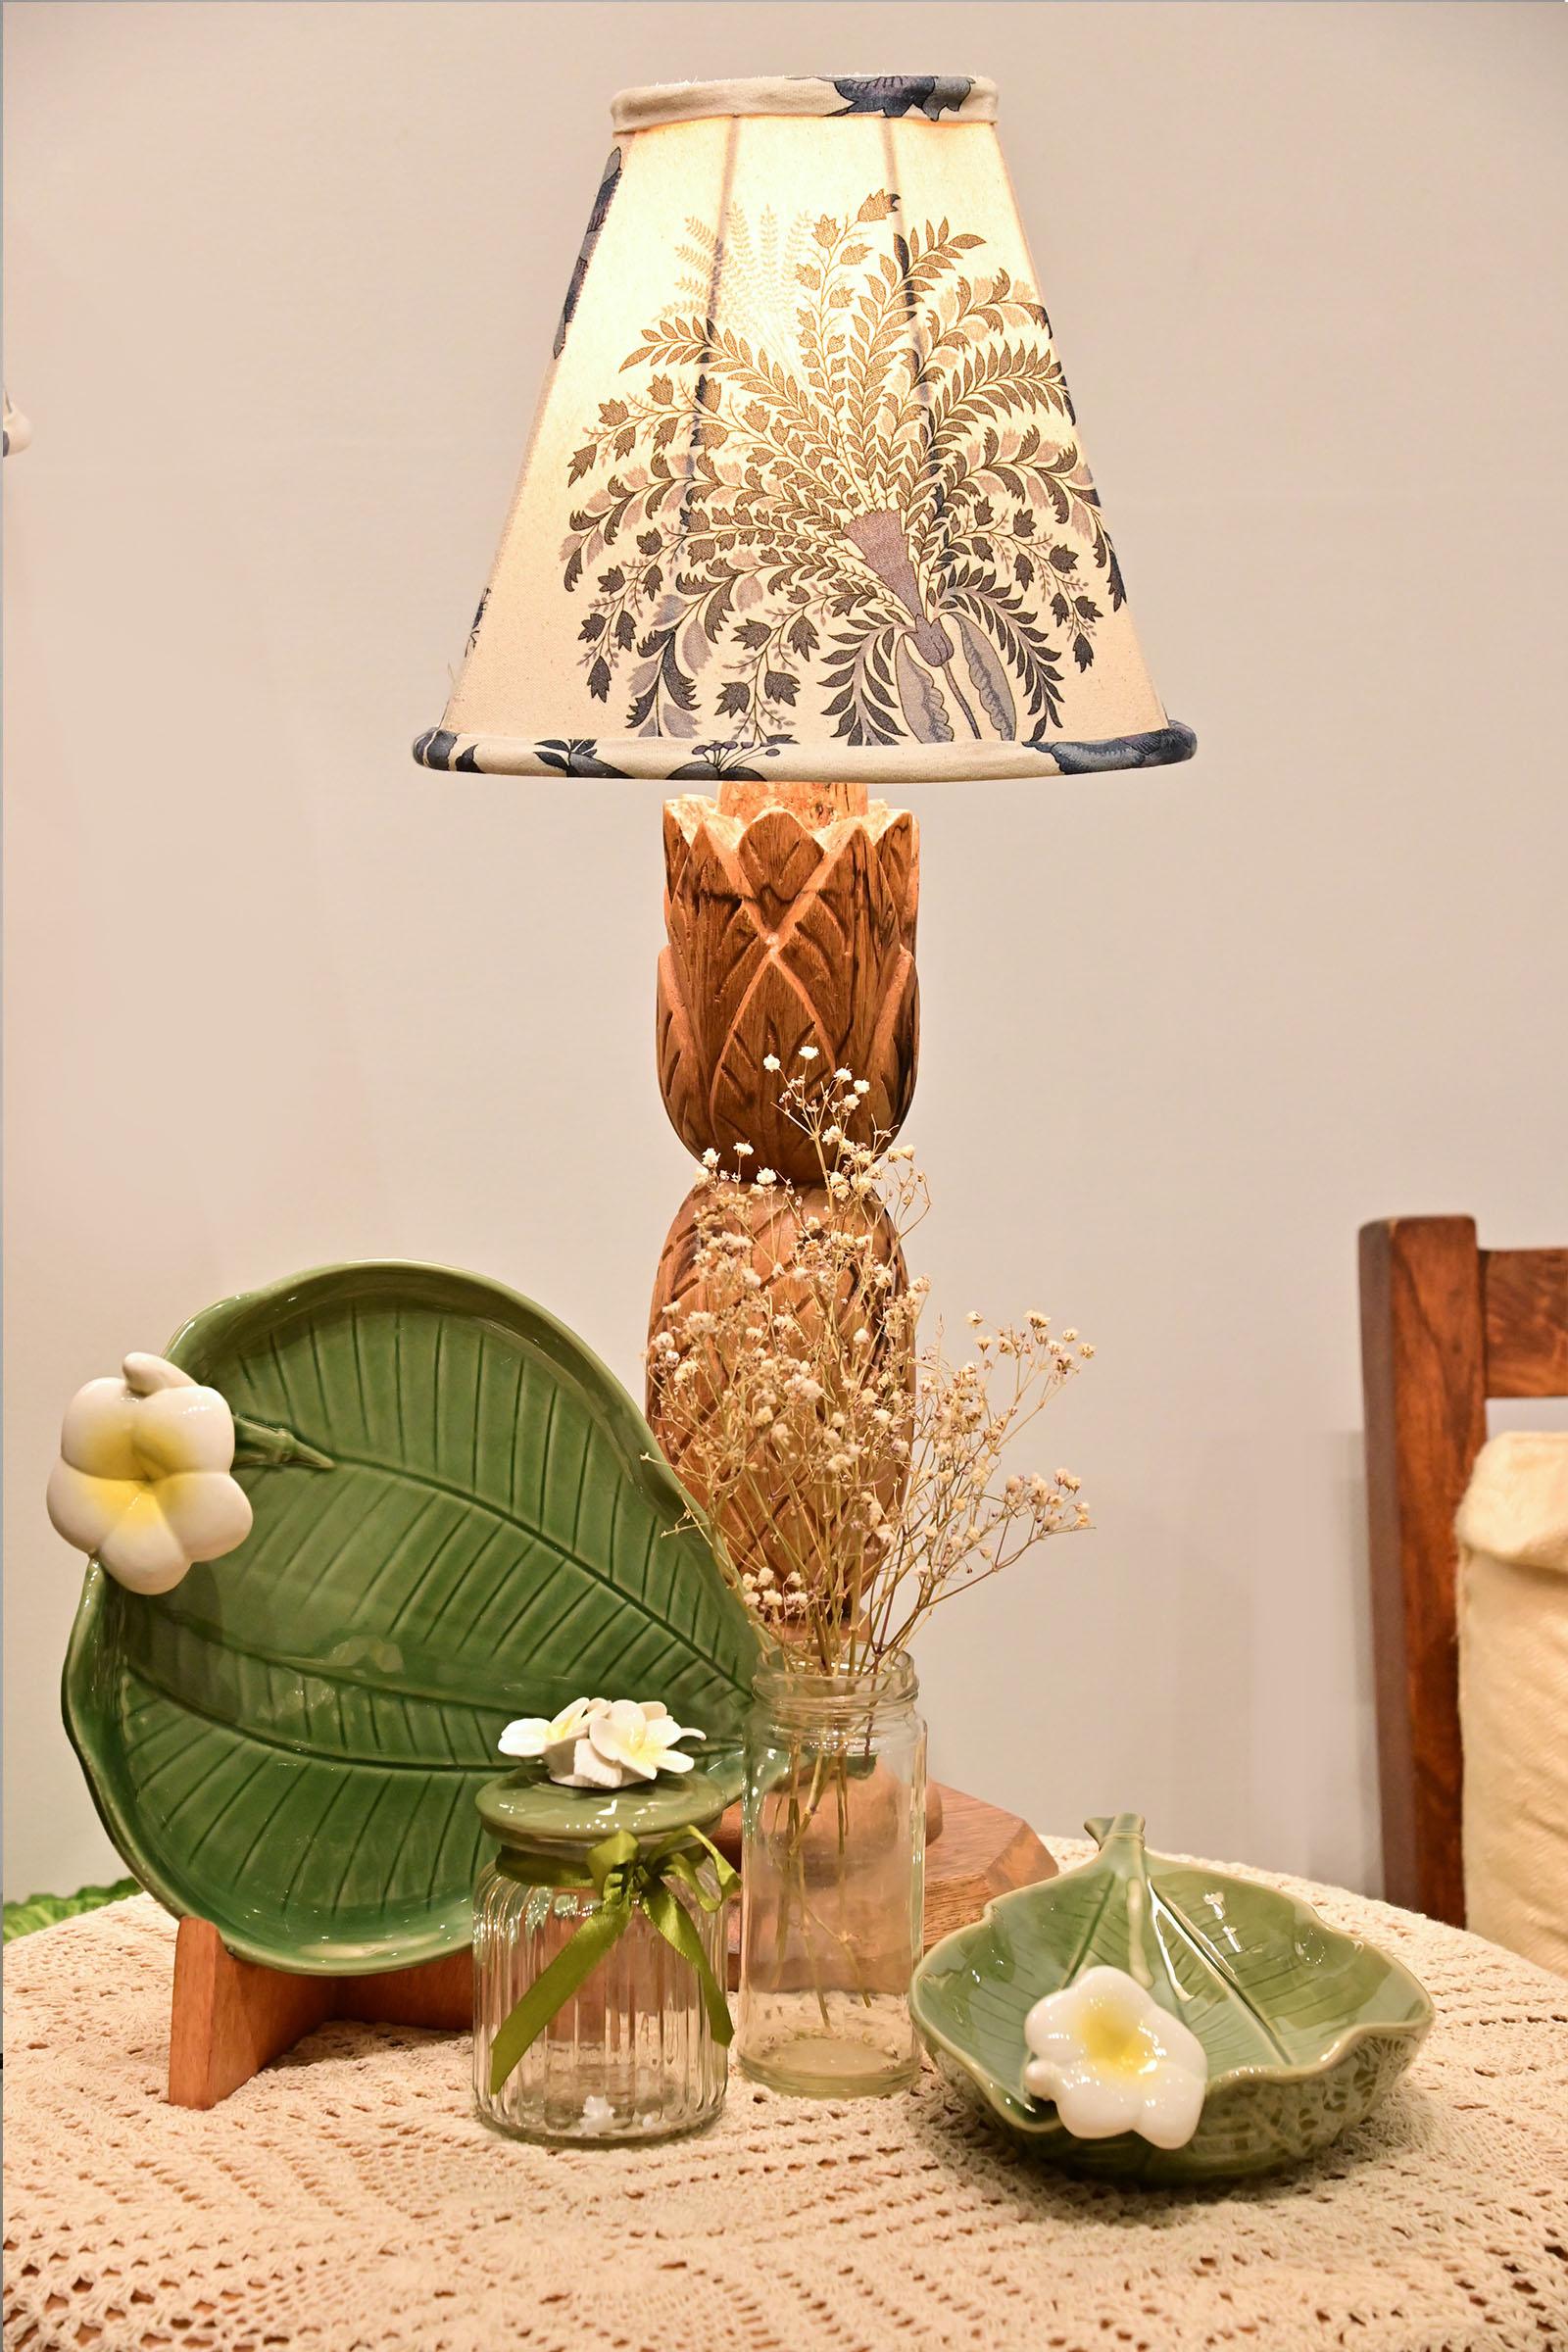 Blue China Small Lamp Shade